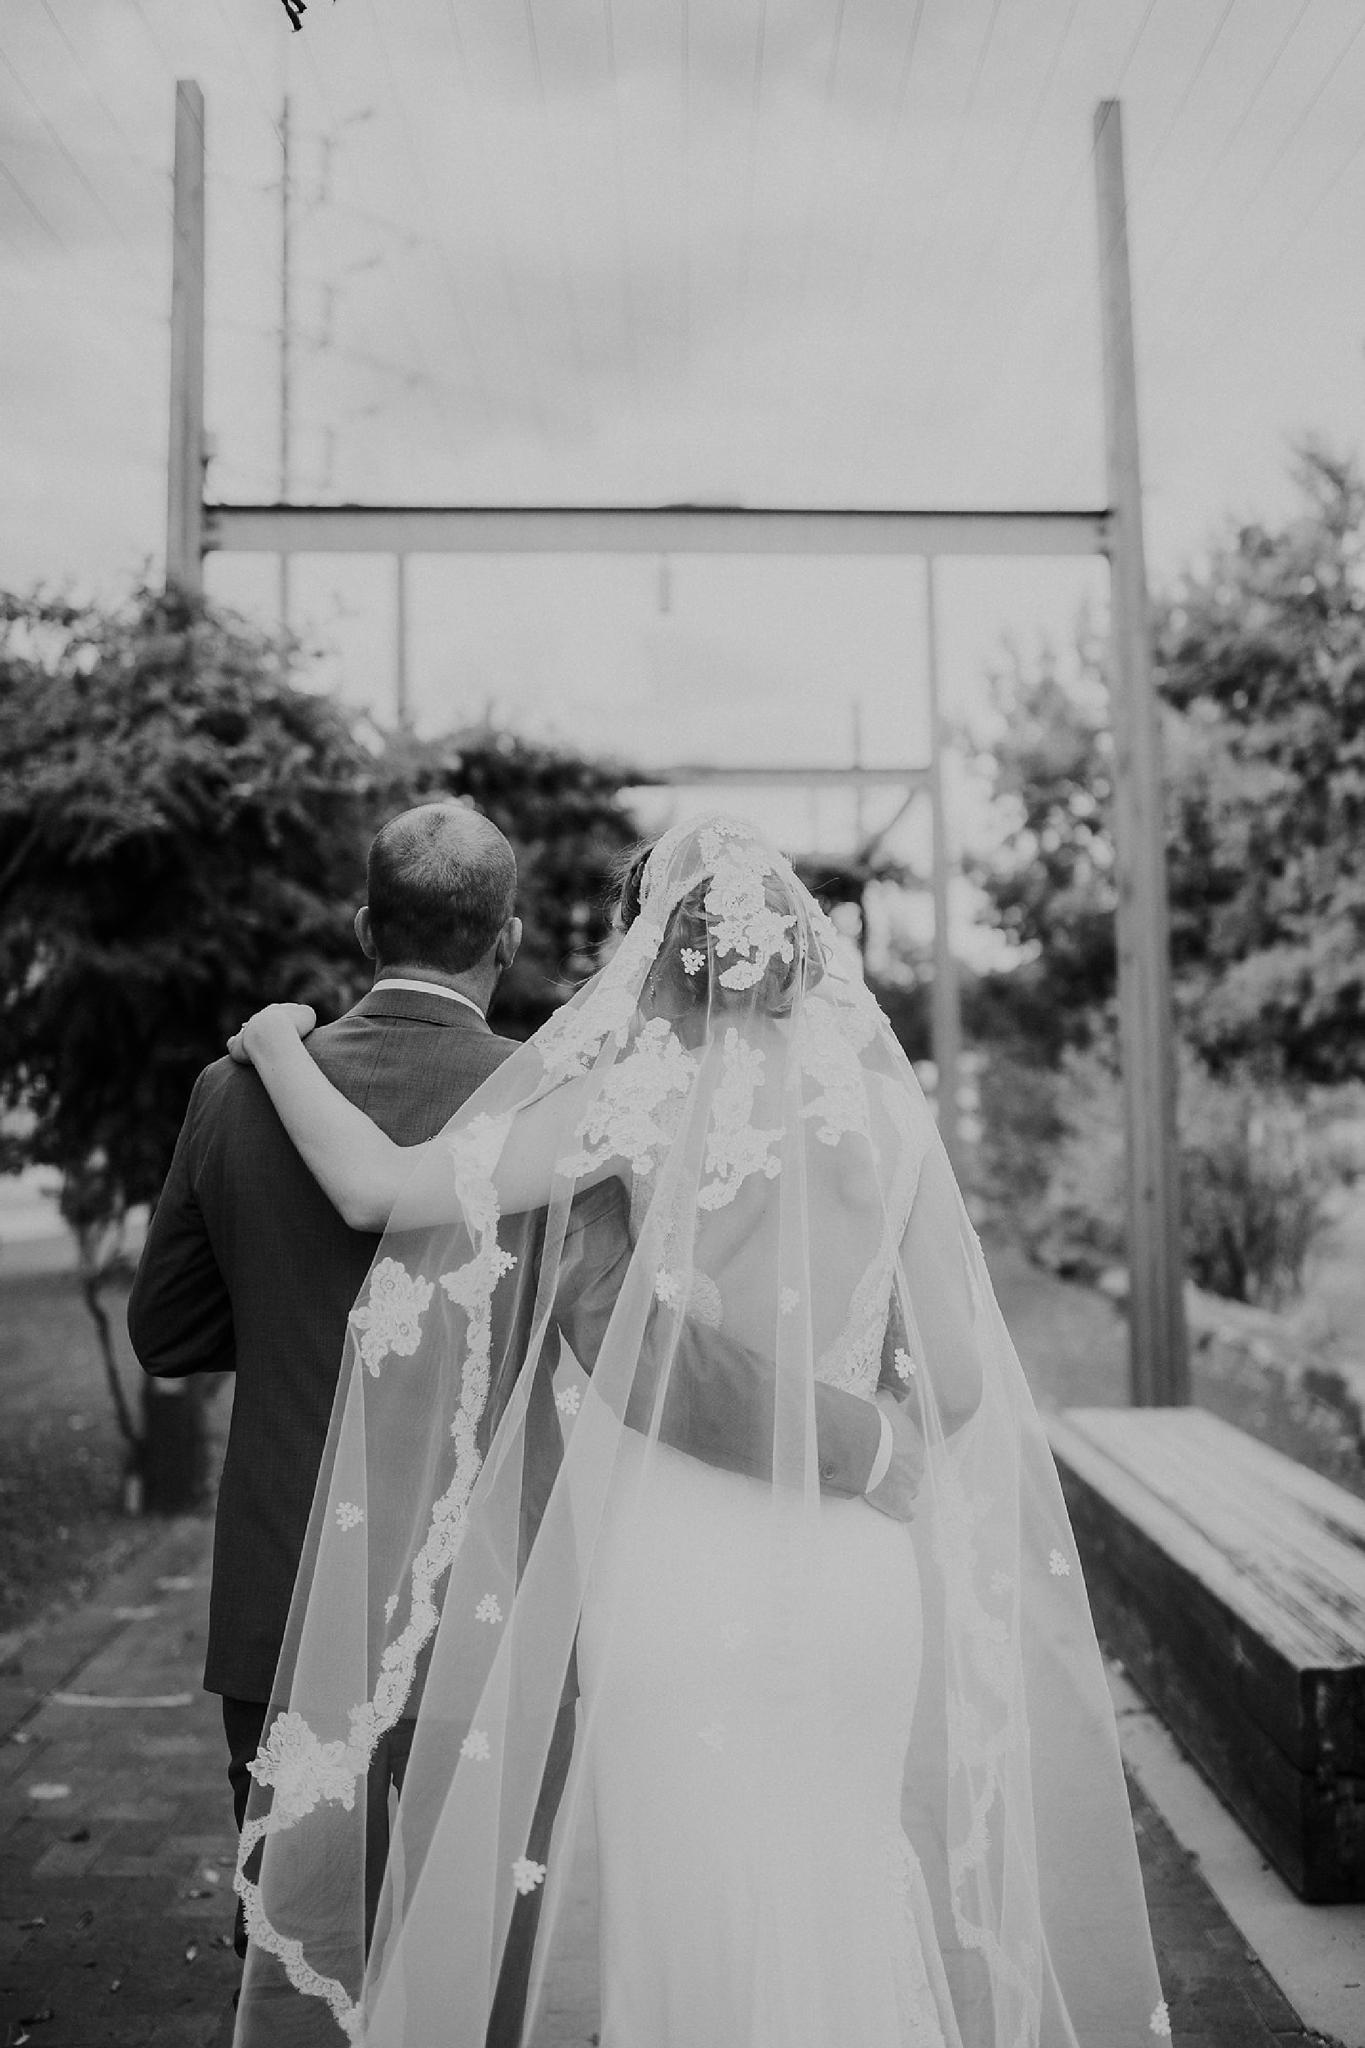 Alicia+lucia+photography+-+albuquerque+wedding+photographer+-+santa+fe+wedding+photography+-+new+mexico+wedding+photographer+-+new+mexico+wedding+-+wedding+photographer+-+wedding+photographer+team_0194.jpg